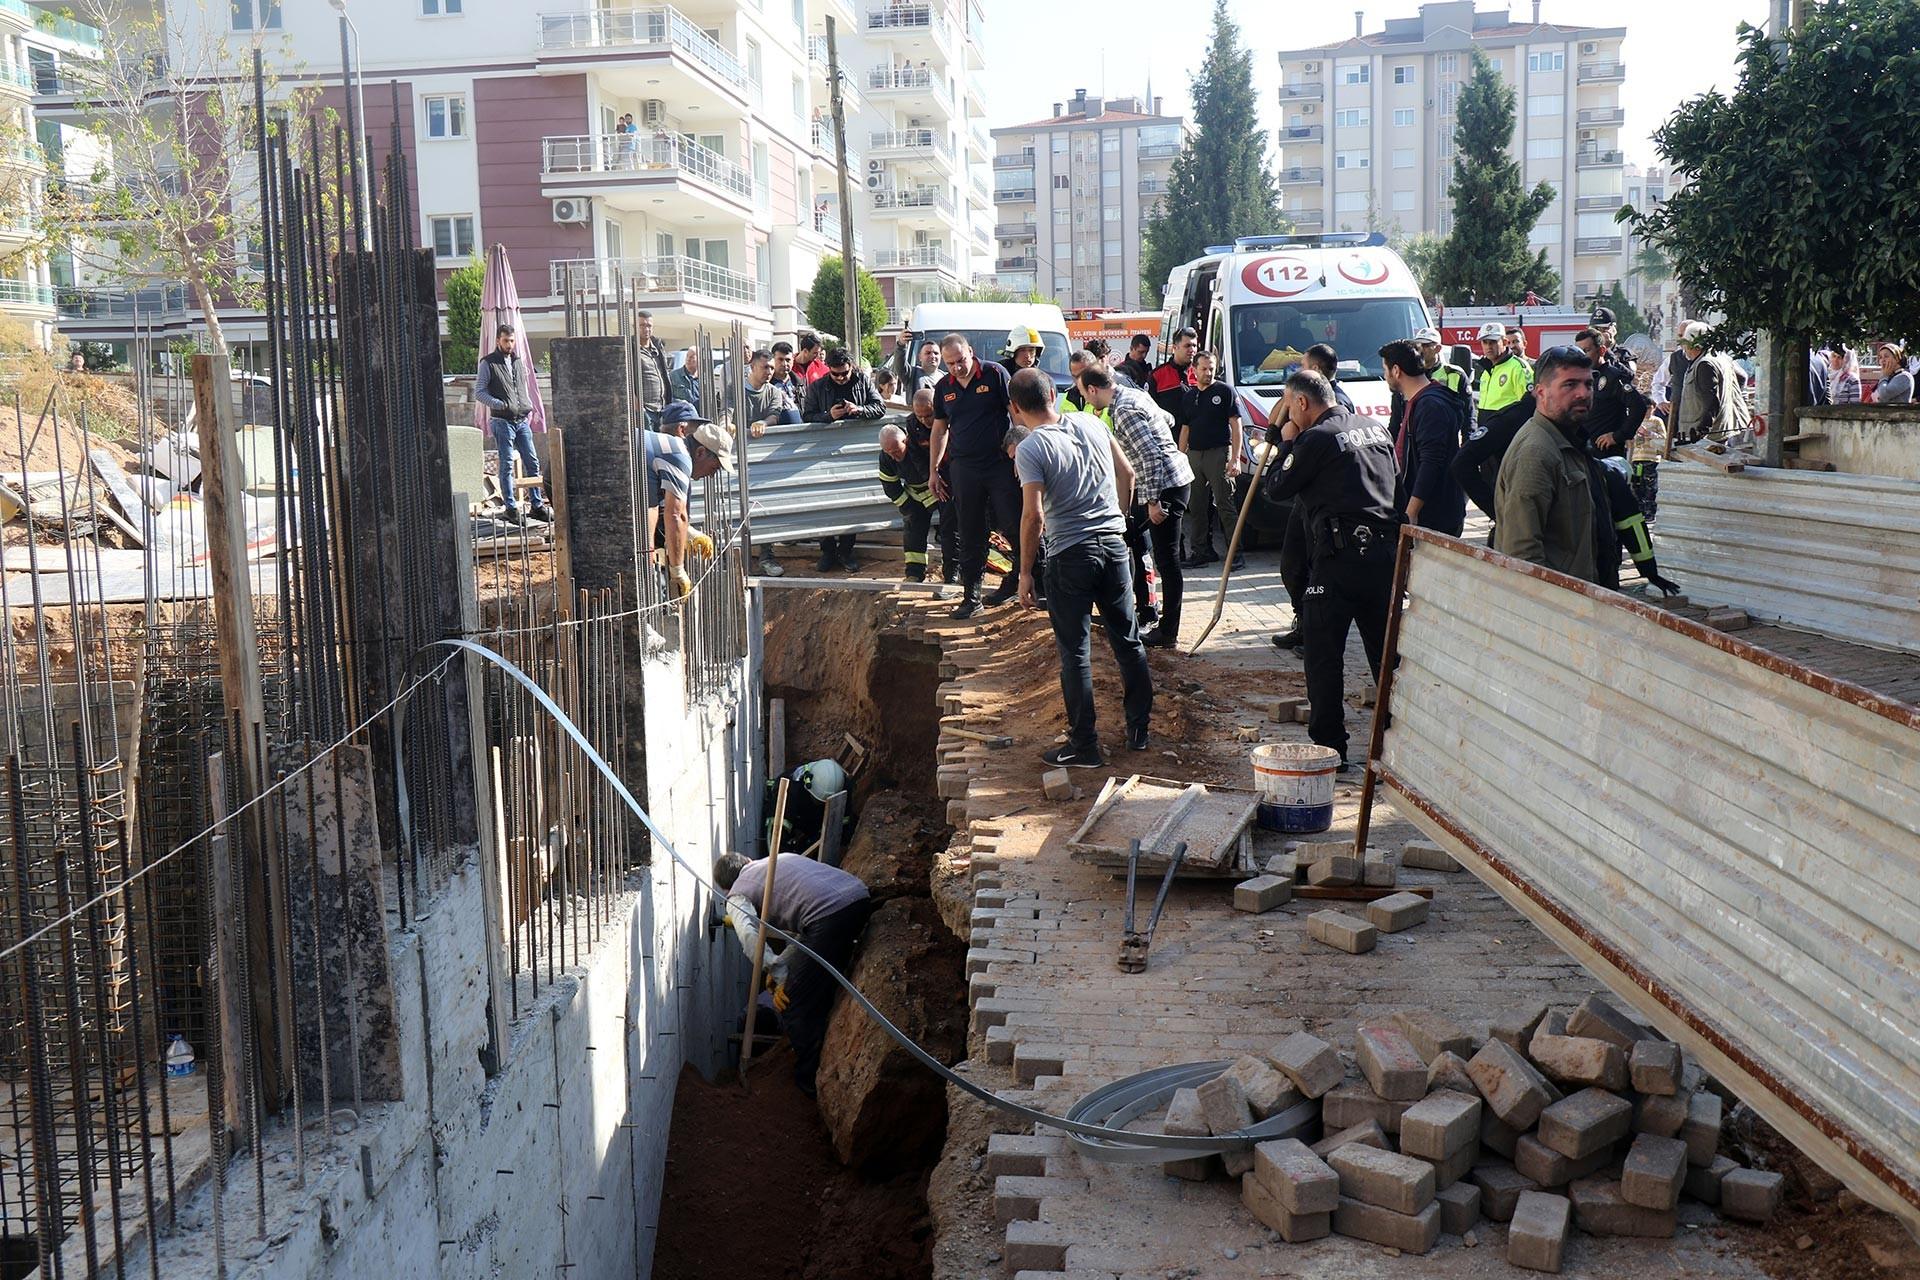 Aydın'da inşaattaki göçük sonucu beline kadar toprak altında kalan işçiyi kurtarma çalışmaları sürerken